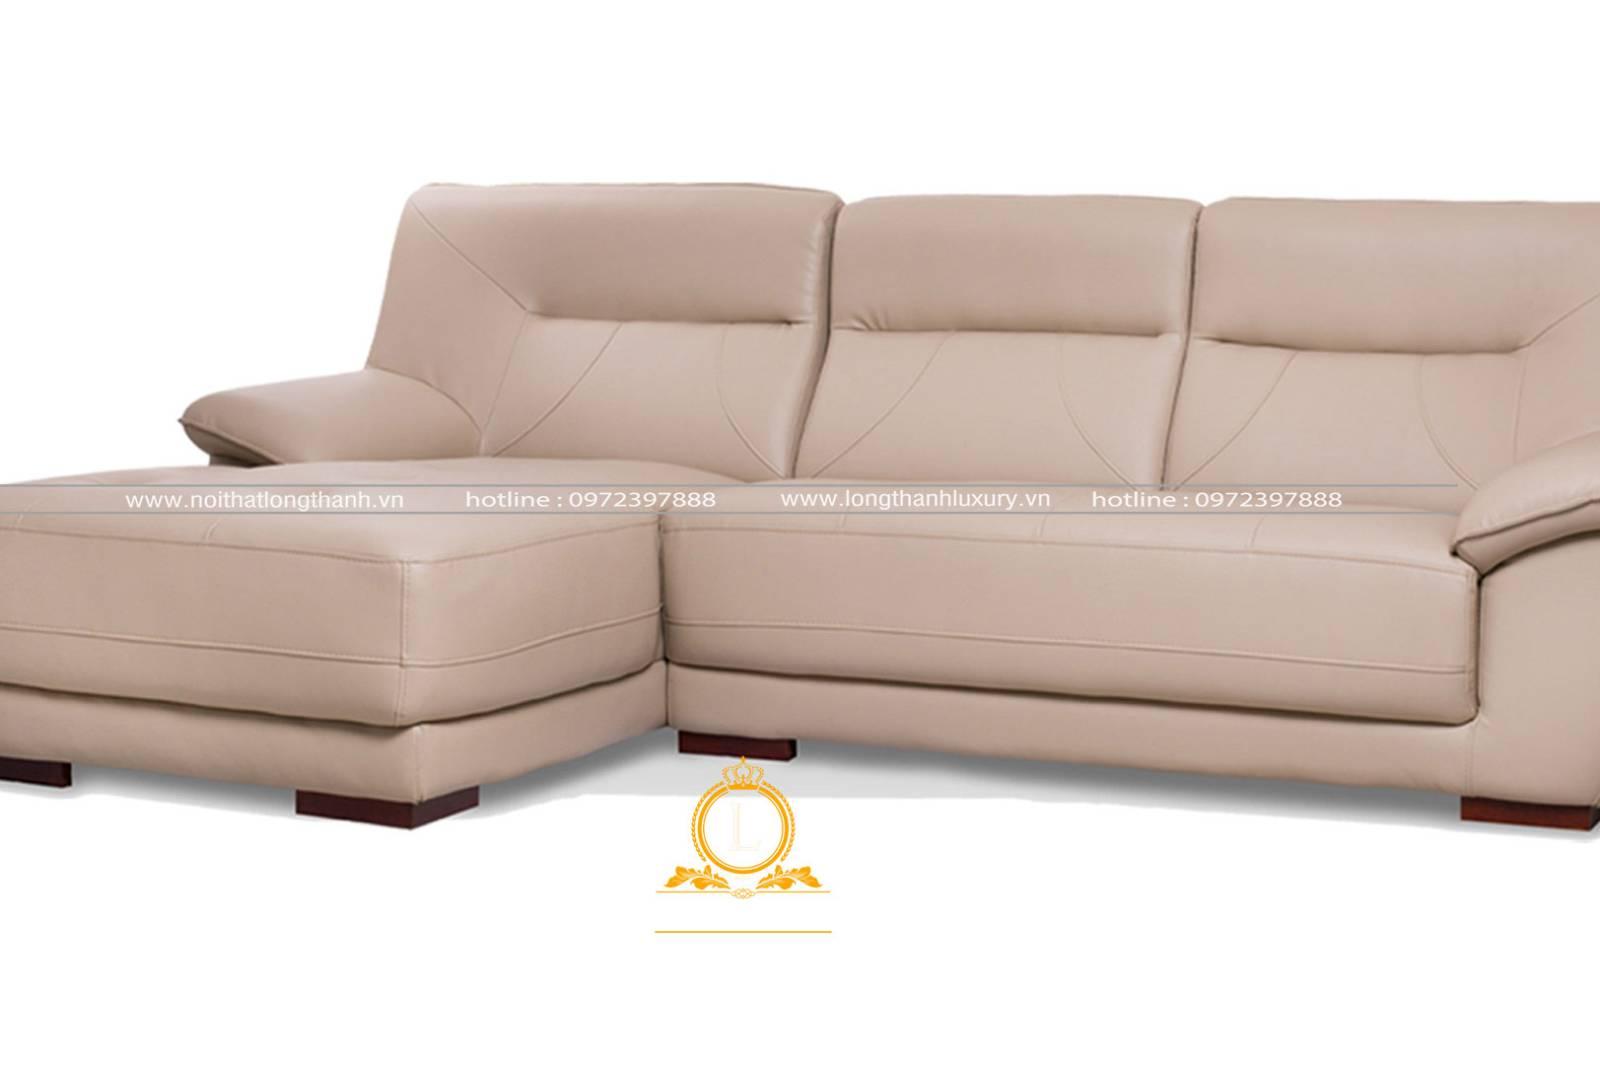 Mẫu sofa da màu trắng cho phòng khách tân cổ điển